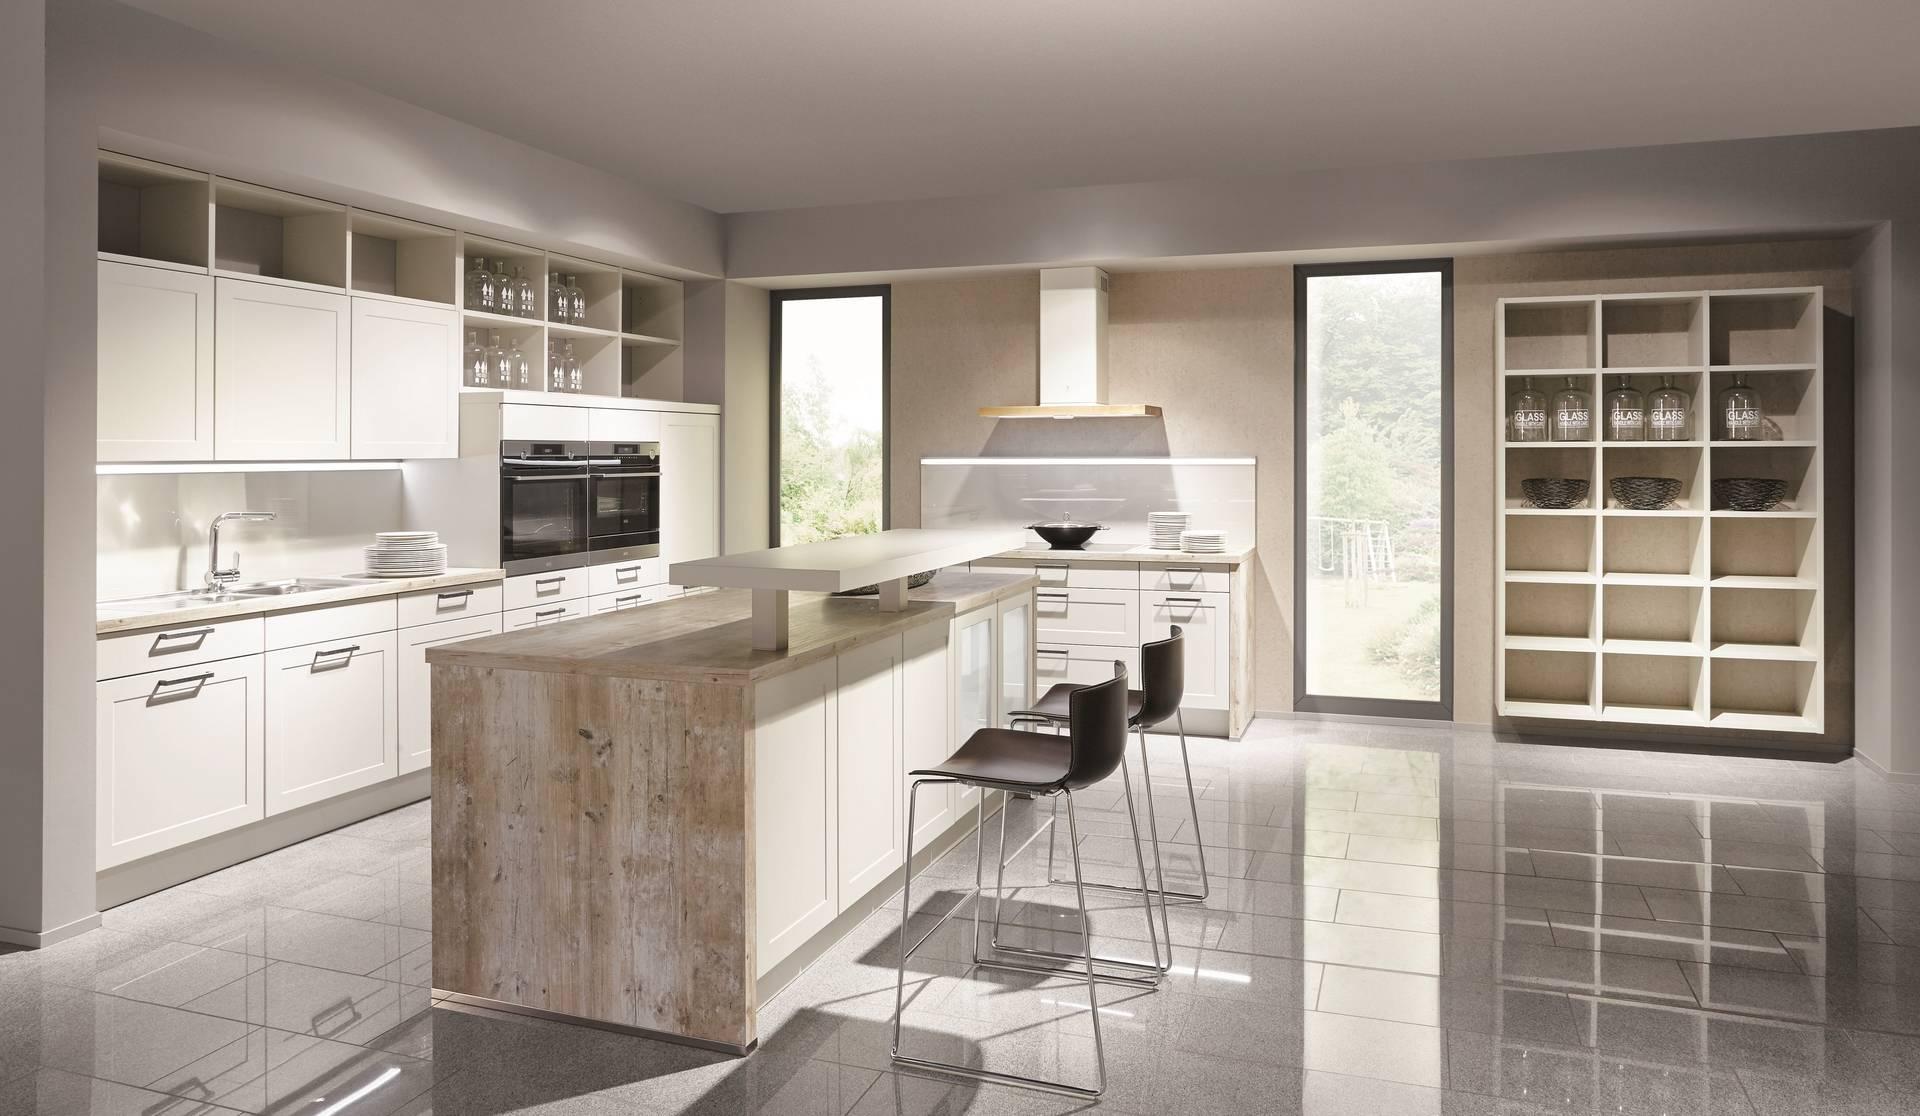 Einfache Dekoration Und Mobel Eine Individuelle Kueche Planen #25: Küchen Planen Und Einrichten